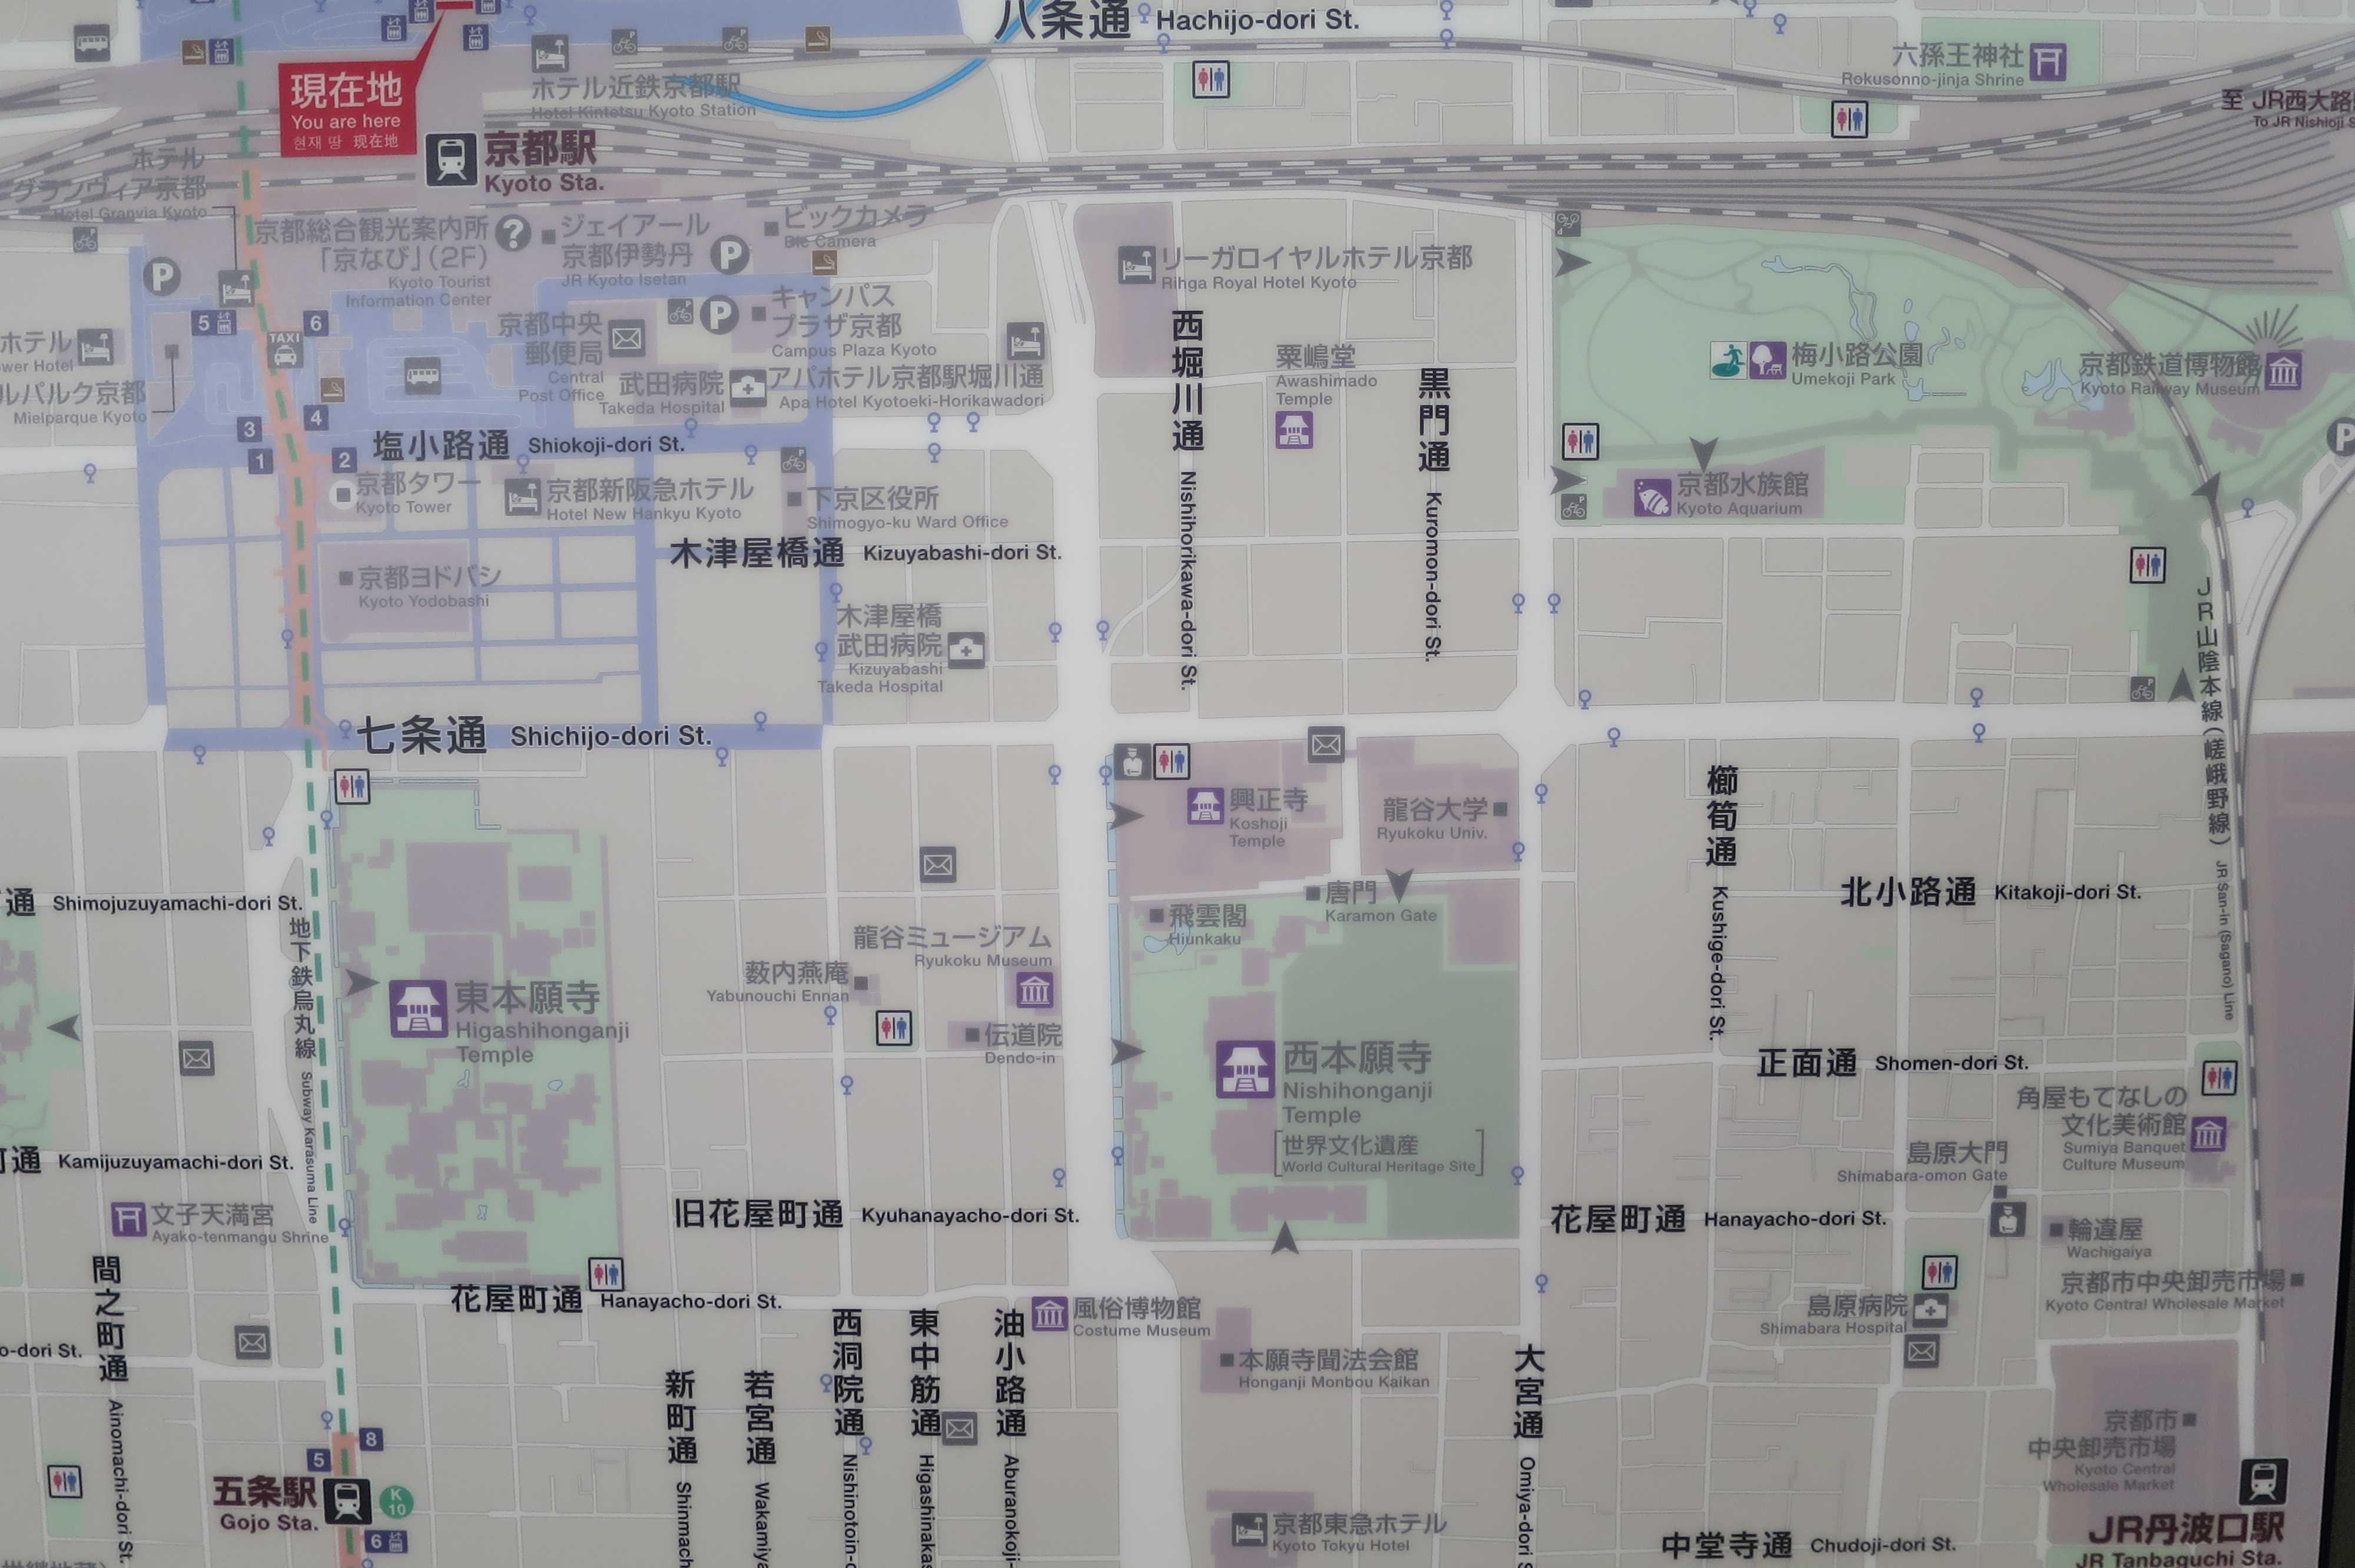 JR京都駅八条口の地図